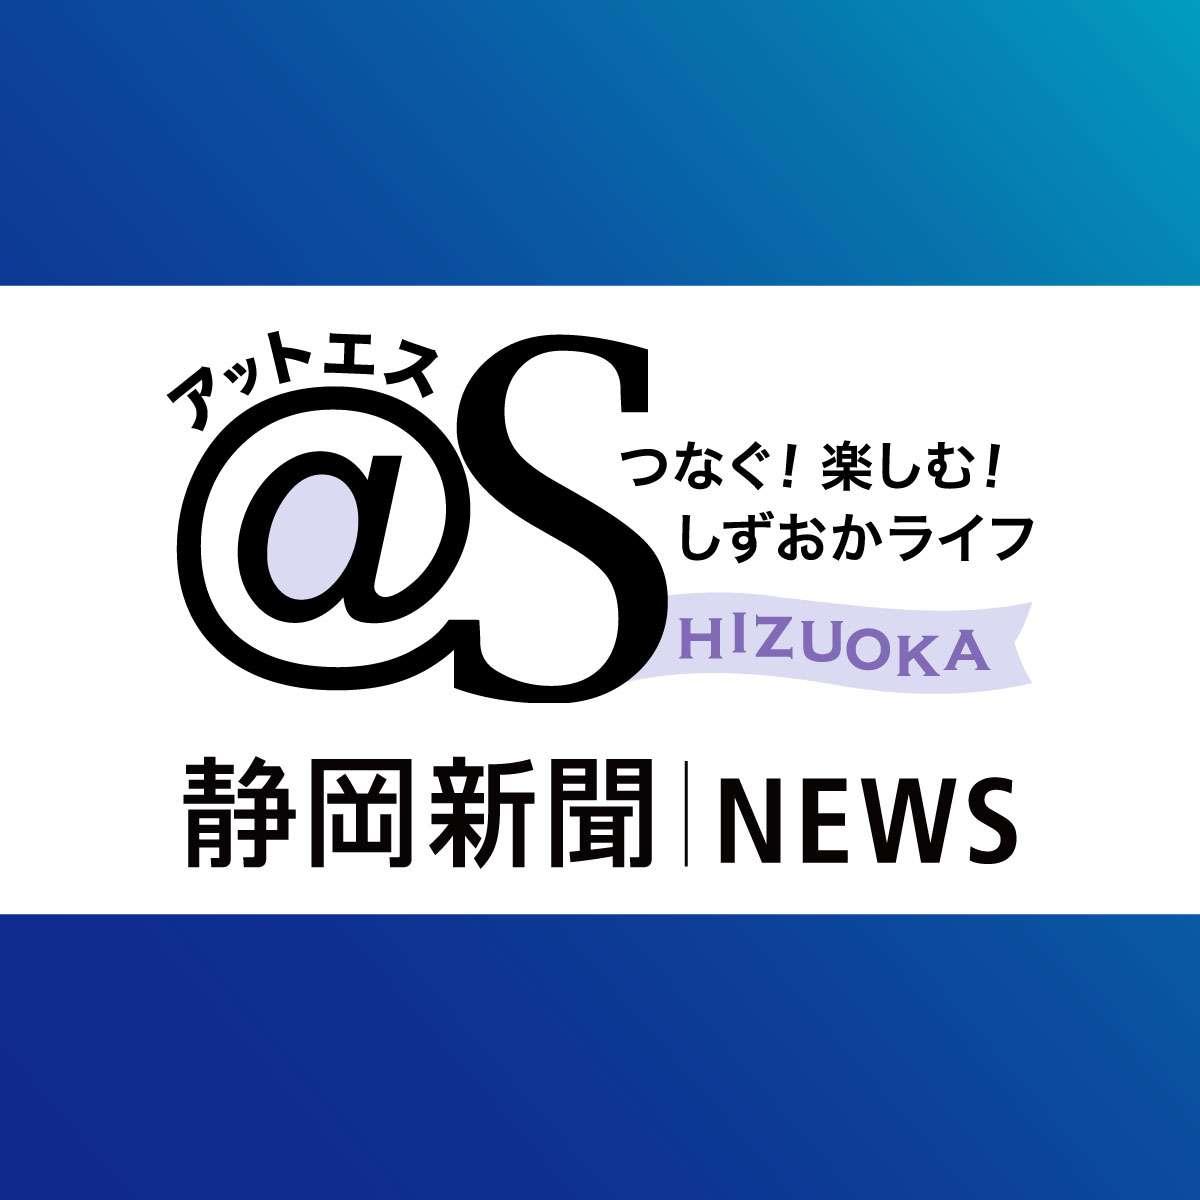 遺族、焼津市と体協を提訴 マラソン中休憩、海転落後死亡|静岡新聞アットエス